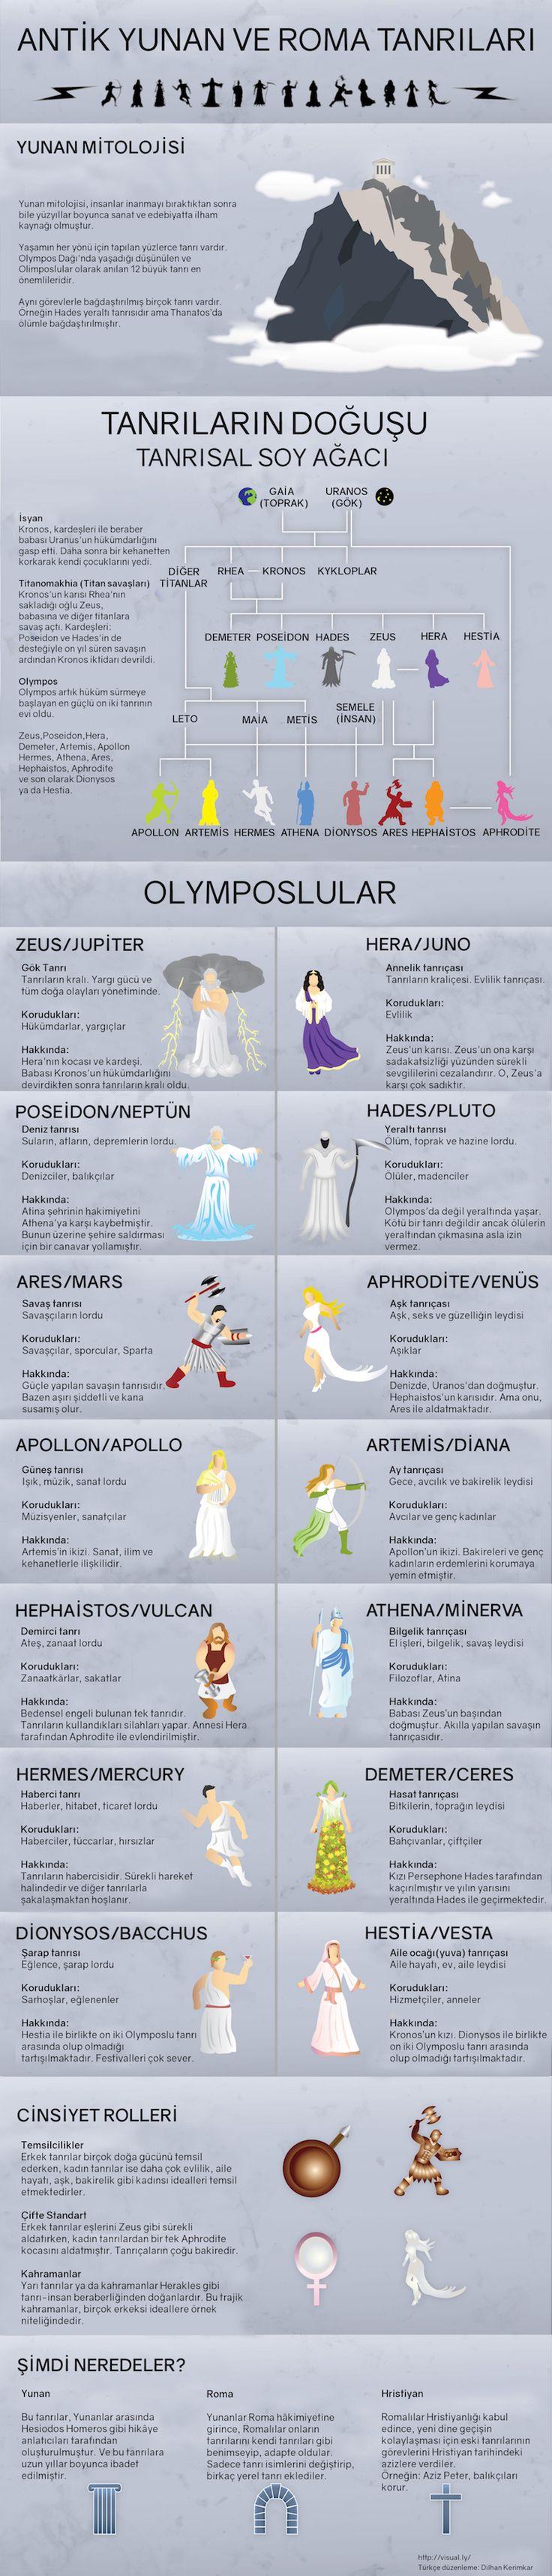 Antik Yunanlıların yarattığı oldukça kapsamlı inanç sistemlerini infografik olarak anlattık.